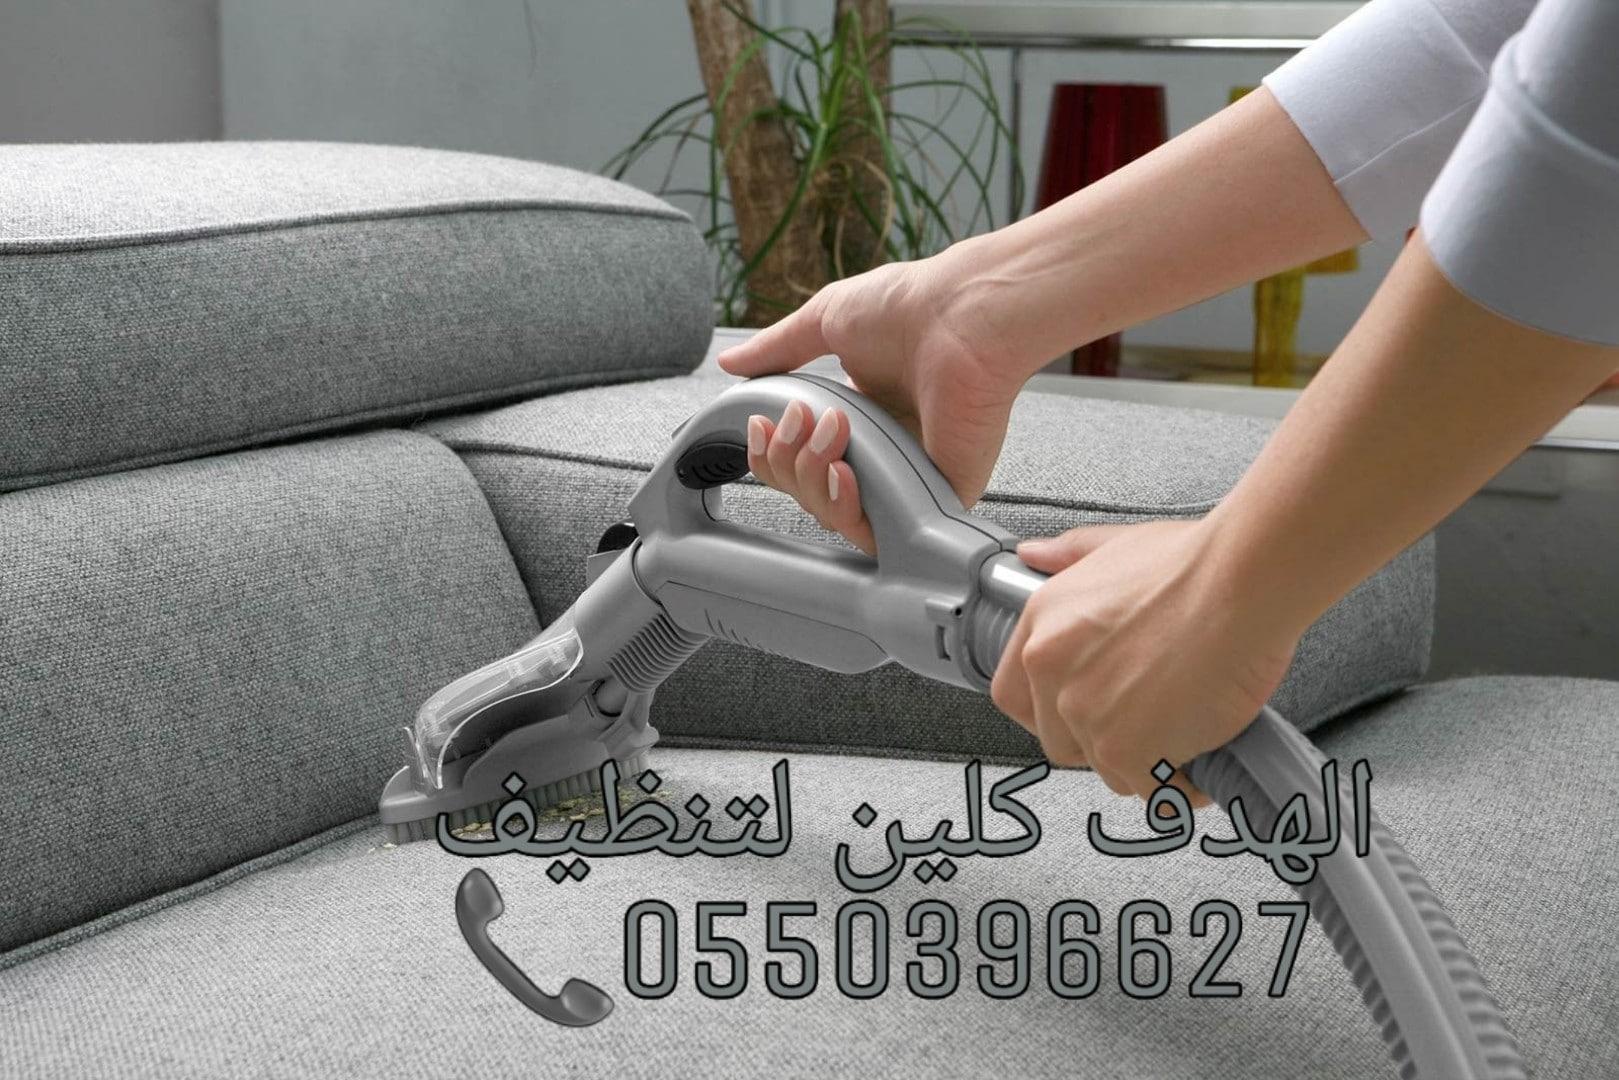 شركة تنظيف مجالس بعرعر